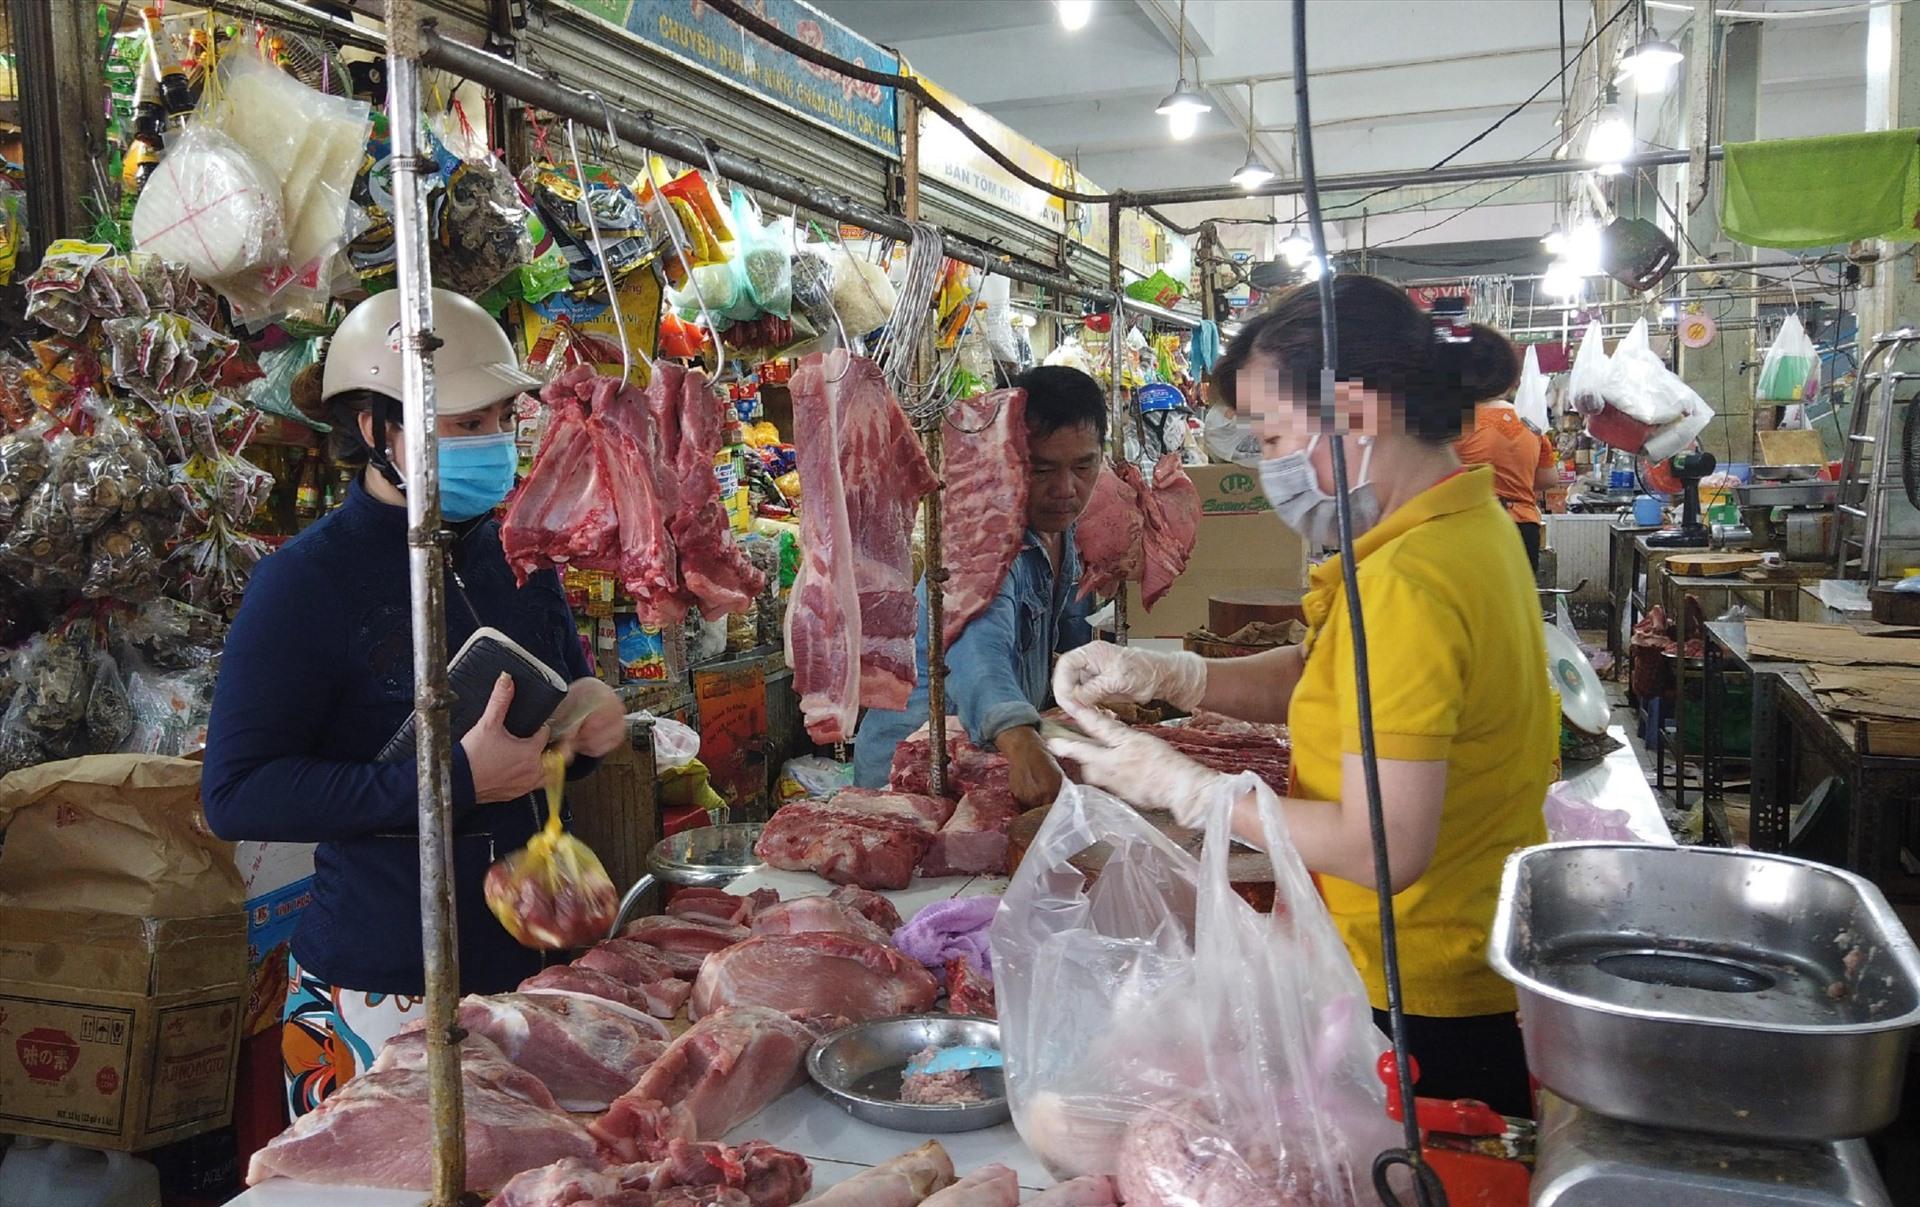 """Khu vực đông đúc nhất tại hầu hết các chợ thời điểm này là các sạp bán thực phẩm thiết yếu như"""" thịt, rau củ quả, thủy hải sản...  Phía sau chợ Bà Chiểu (quận Bình Thạnh, TPHCM), nơi tập trung các sạp hàng thực phẩm, đông nghịt người mua hàng,"""